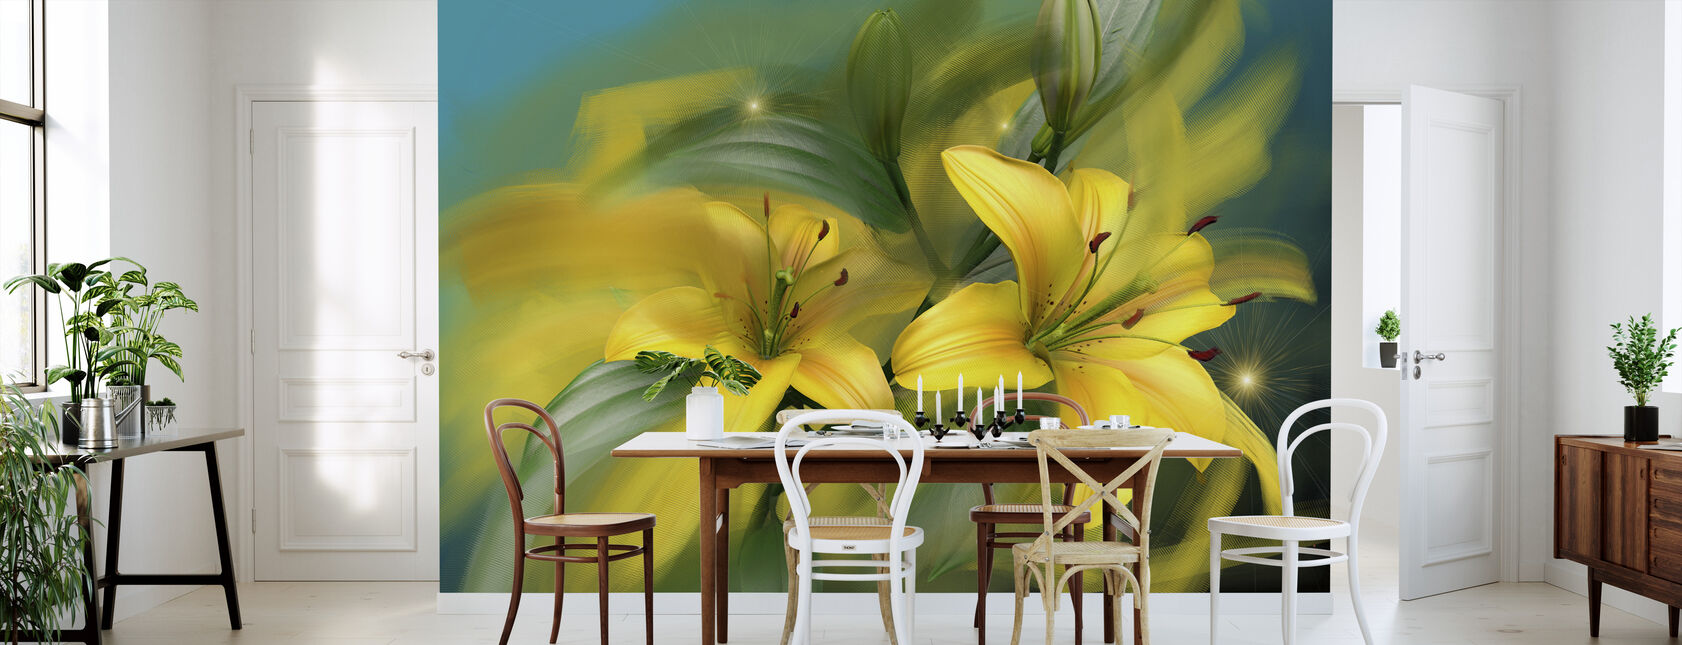 Flower Power - Wallpaper - Kitchen